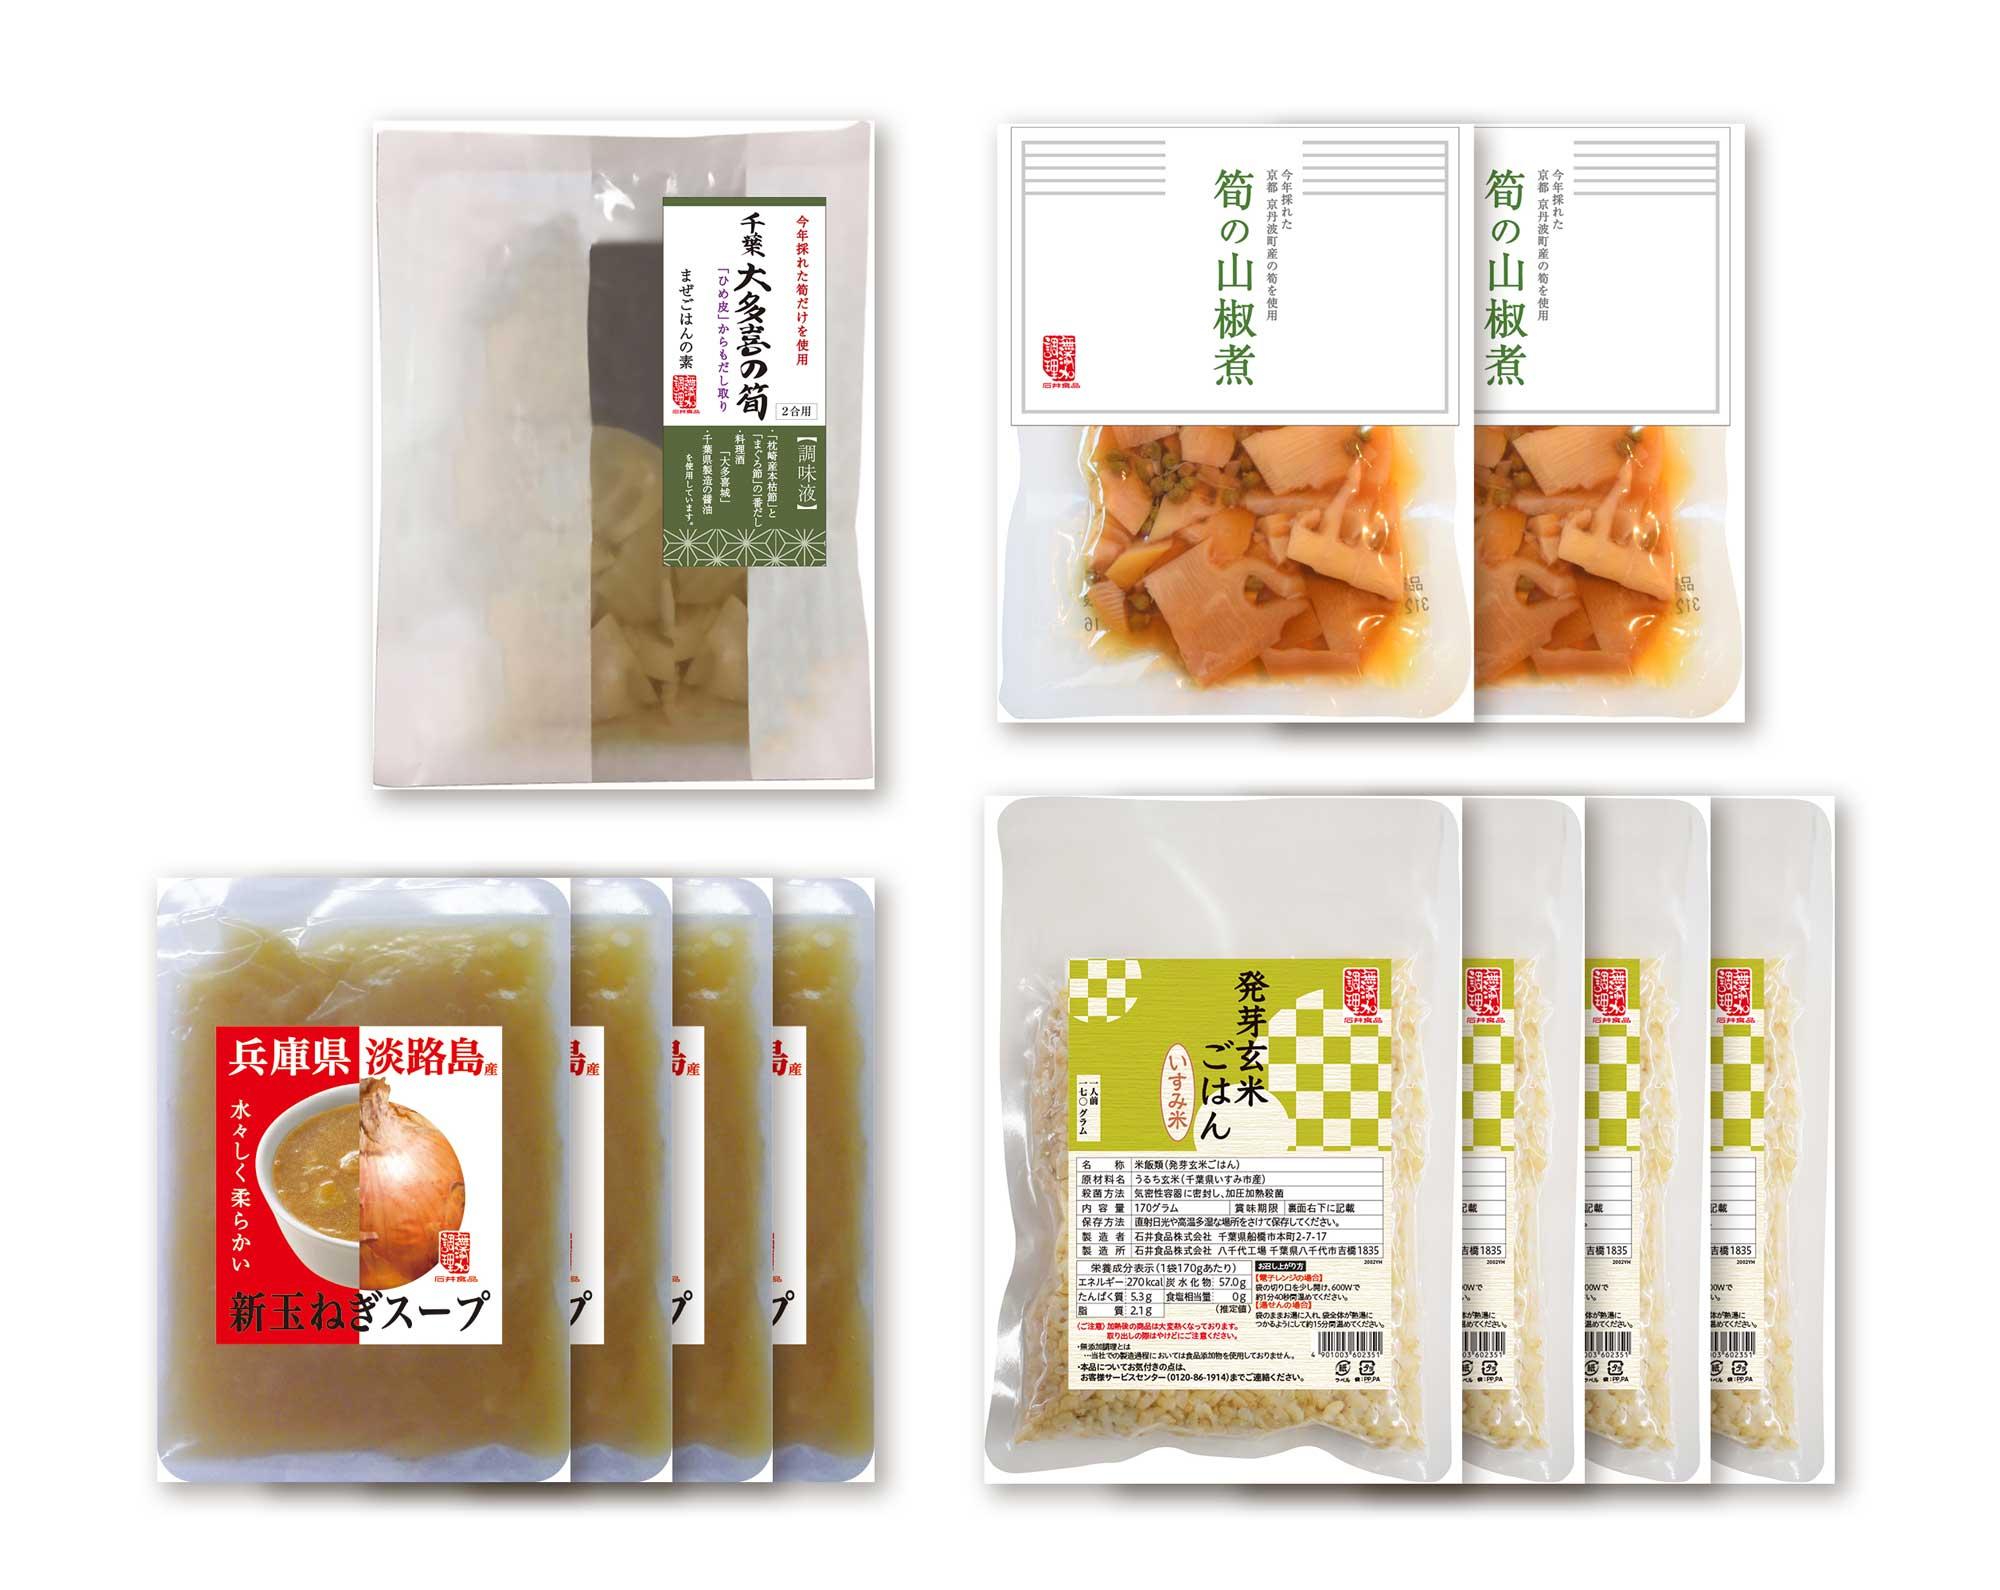 旬の筍を味わう一汁一菜セット(4人分)